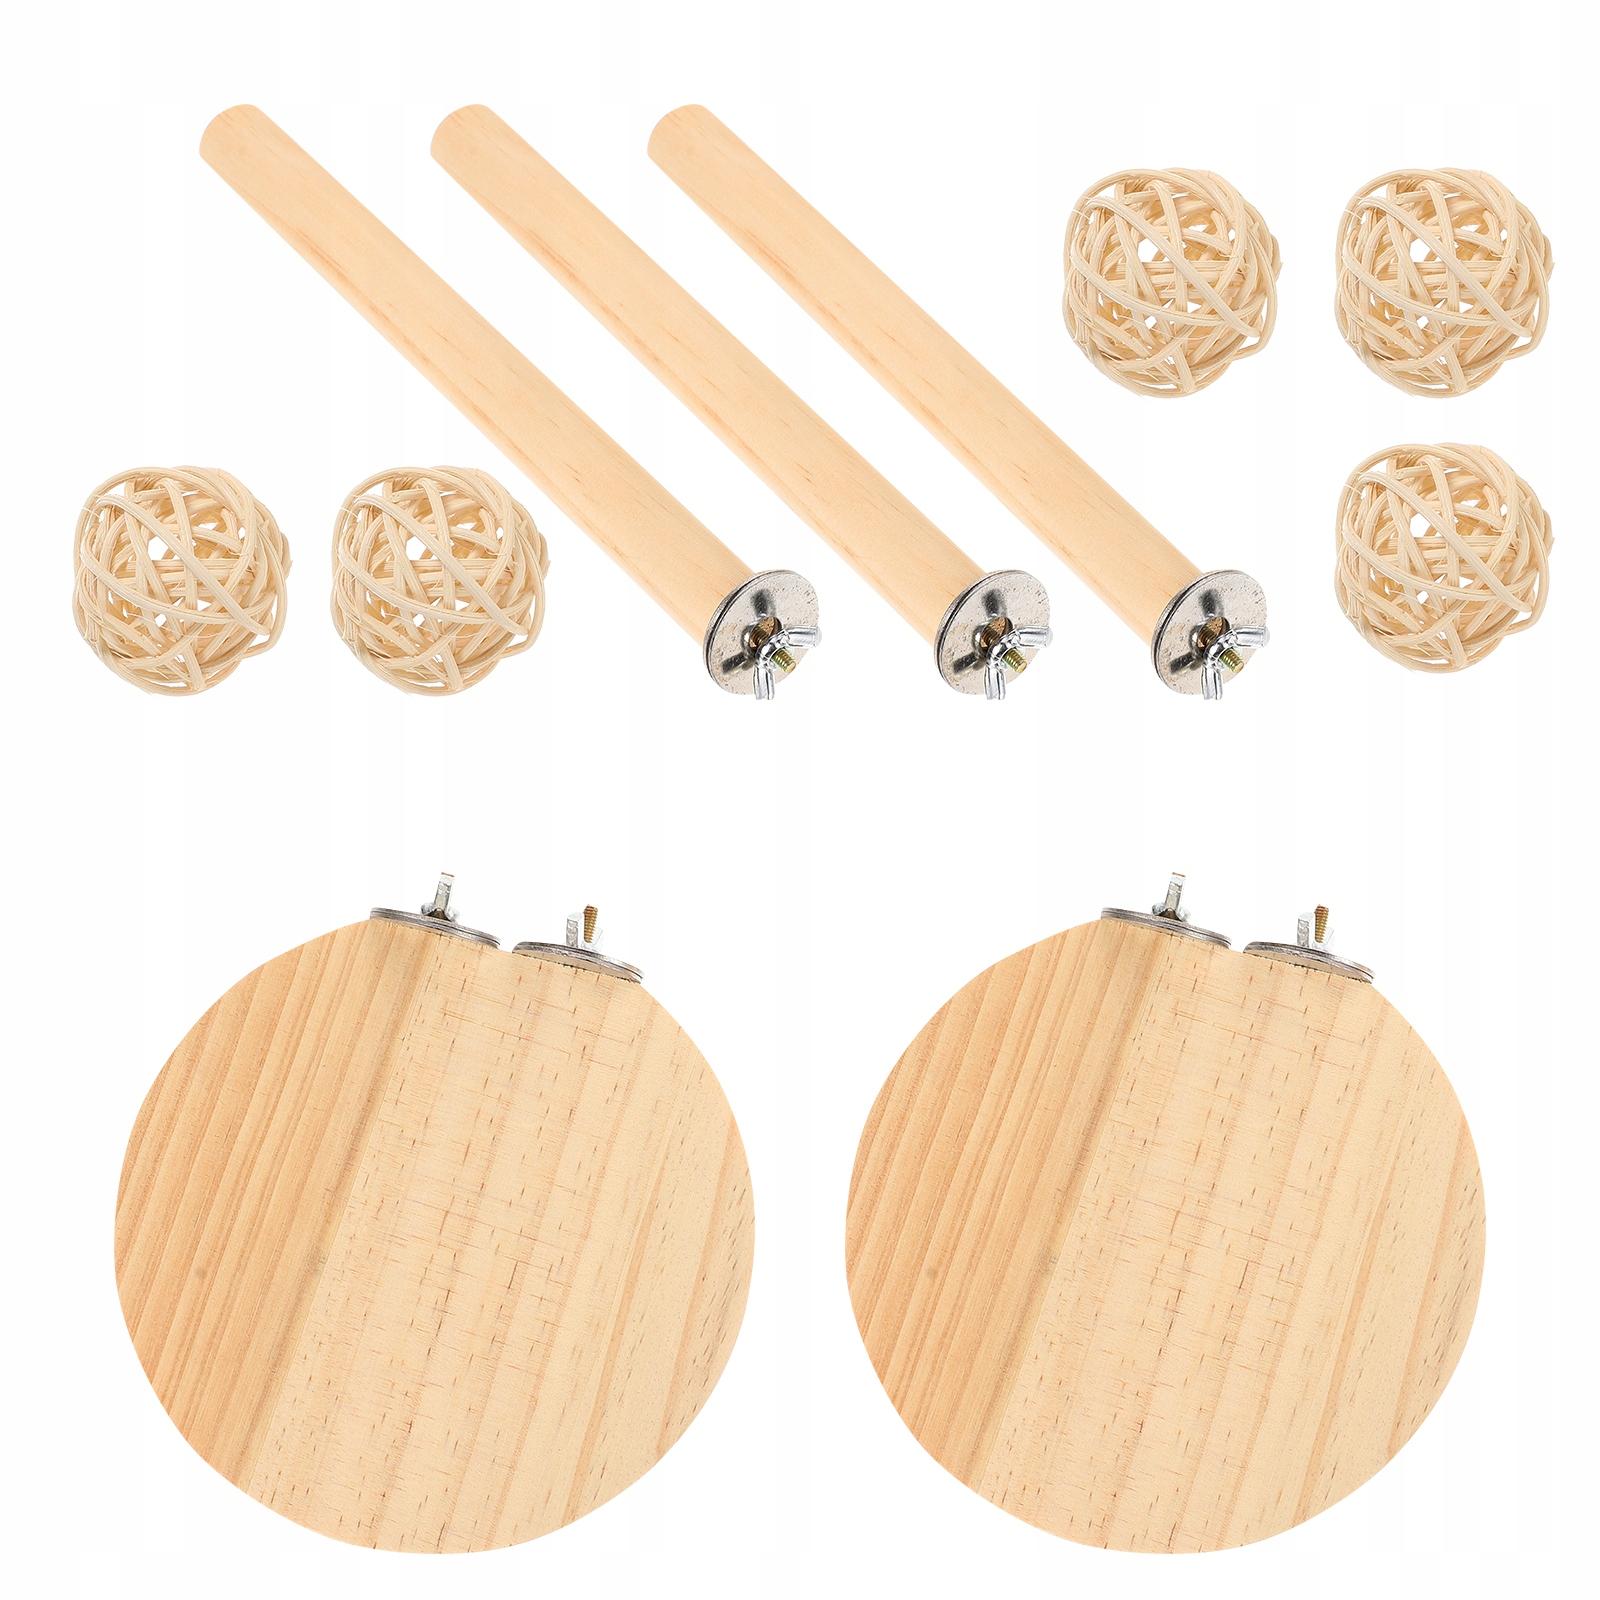 1 комплект деревянной платформы для хомяка